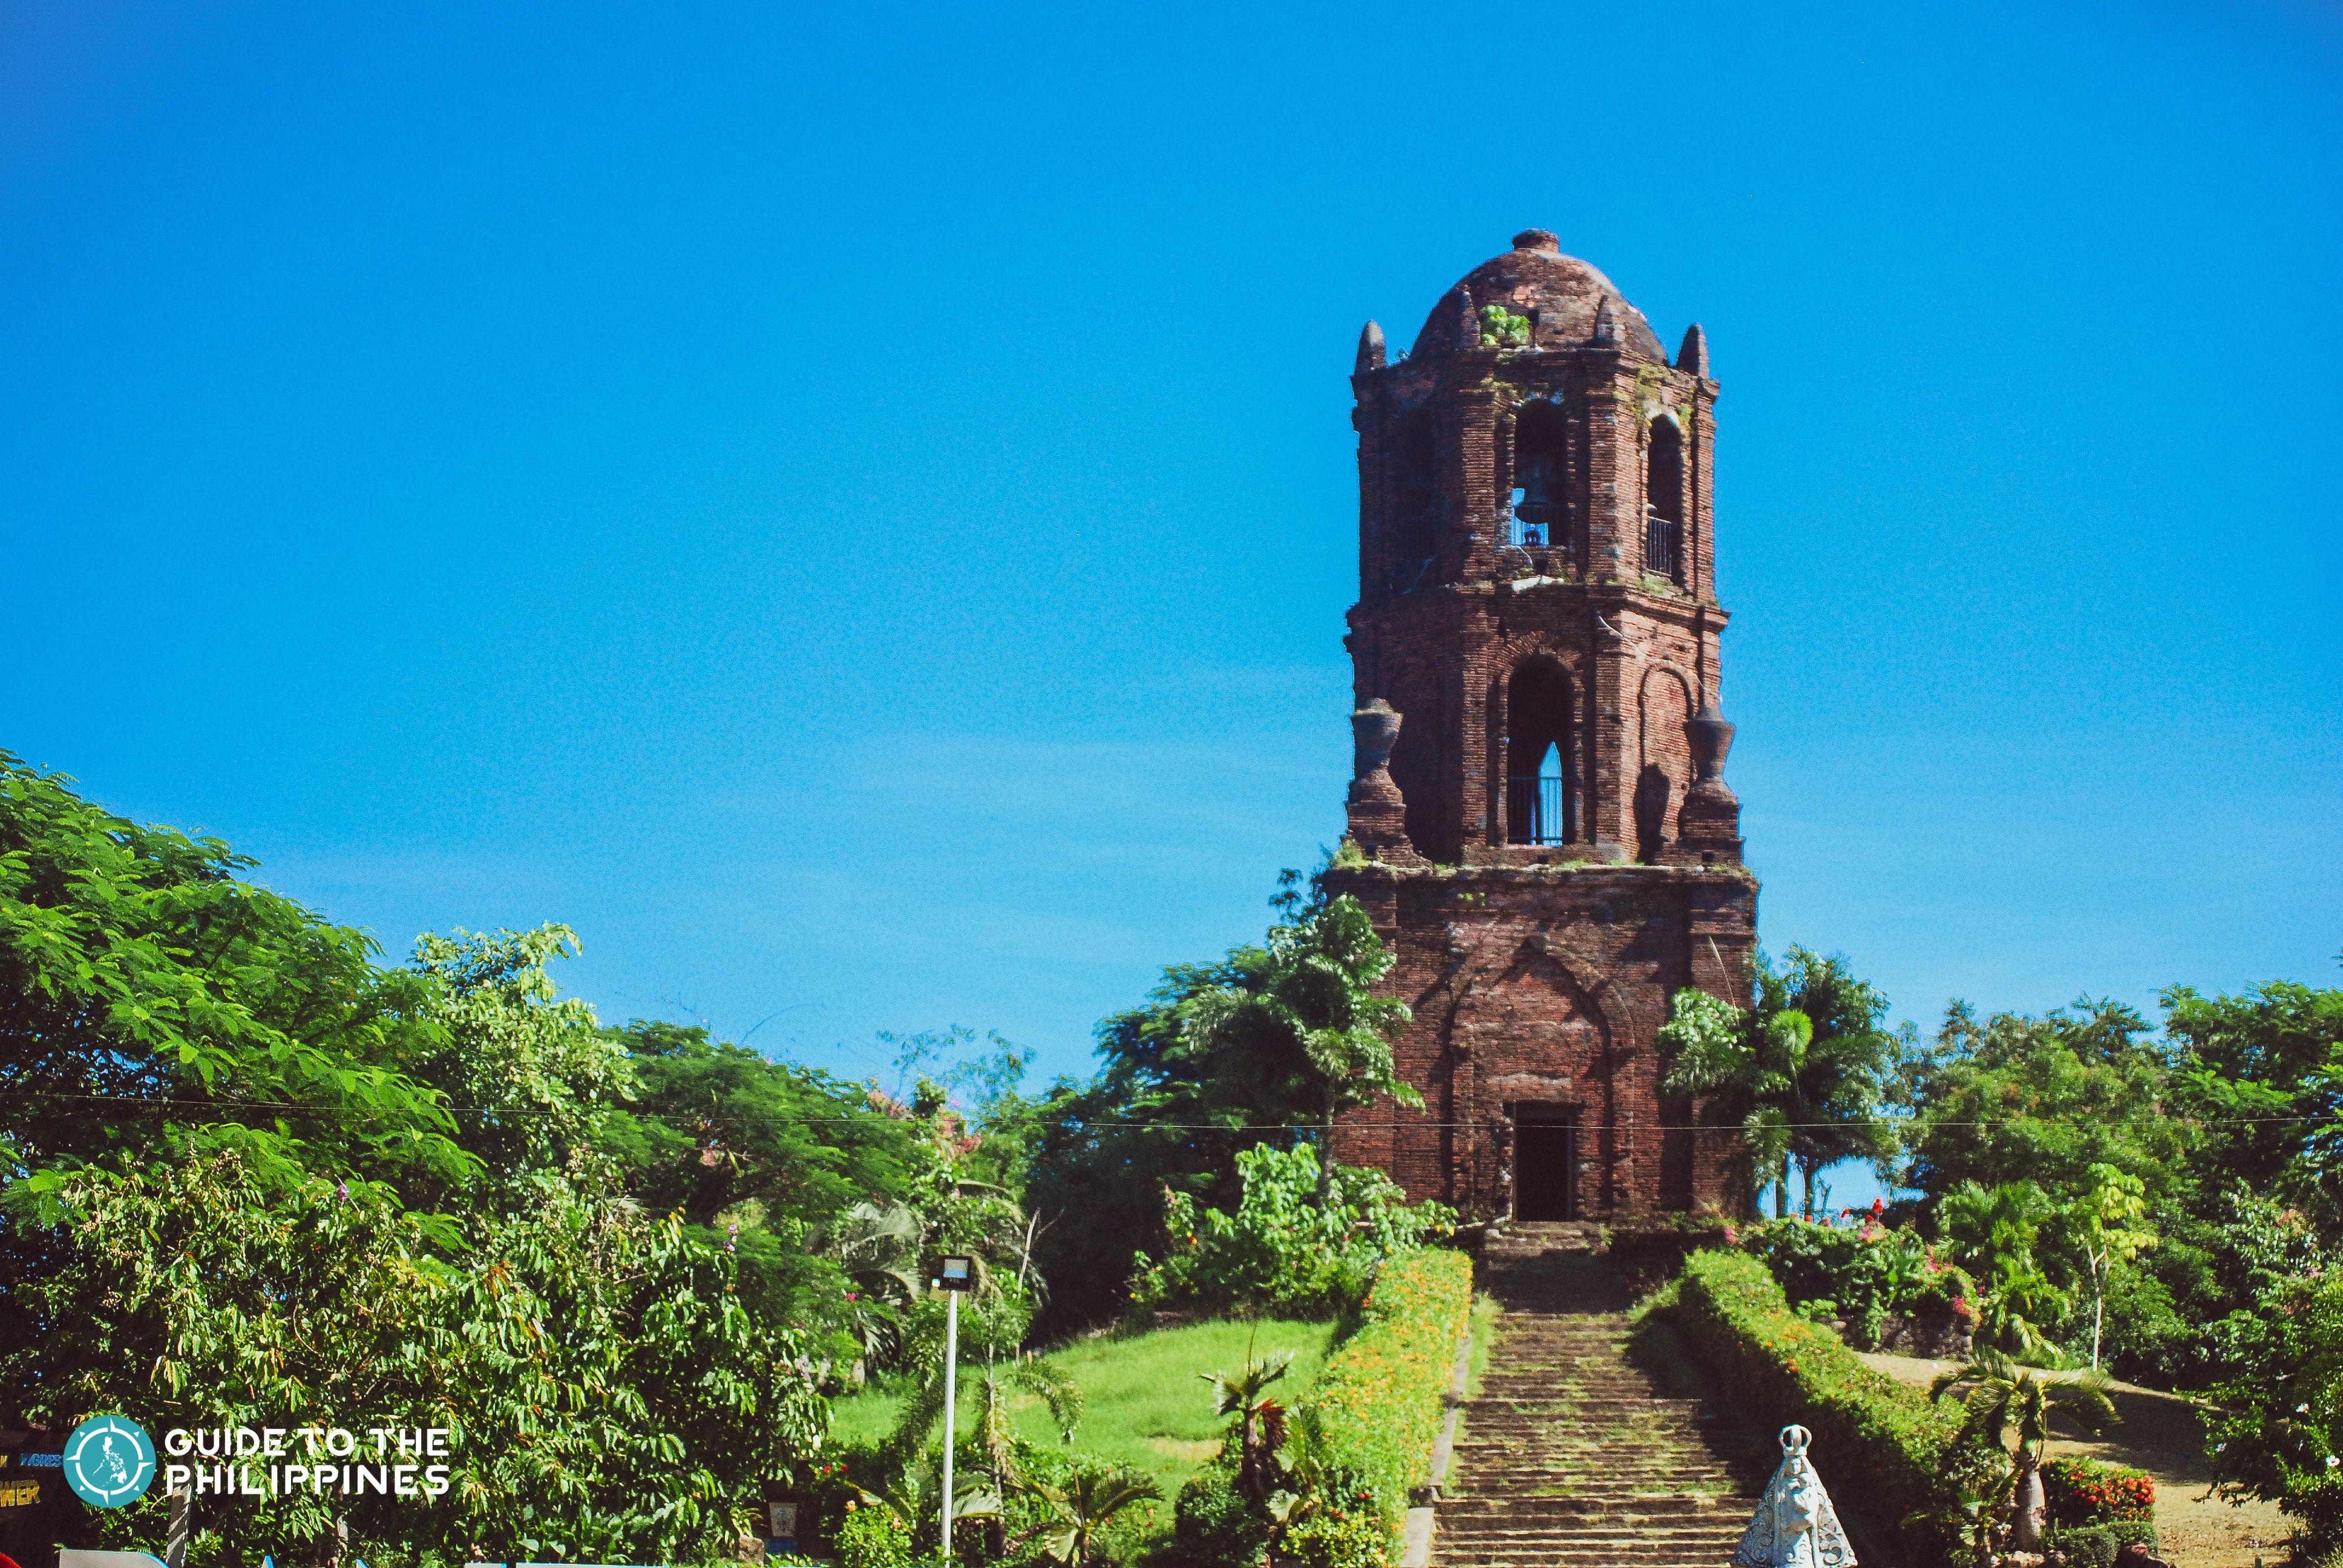 Bantay Watch Tower in Vigan Ilocos